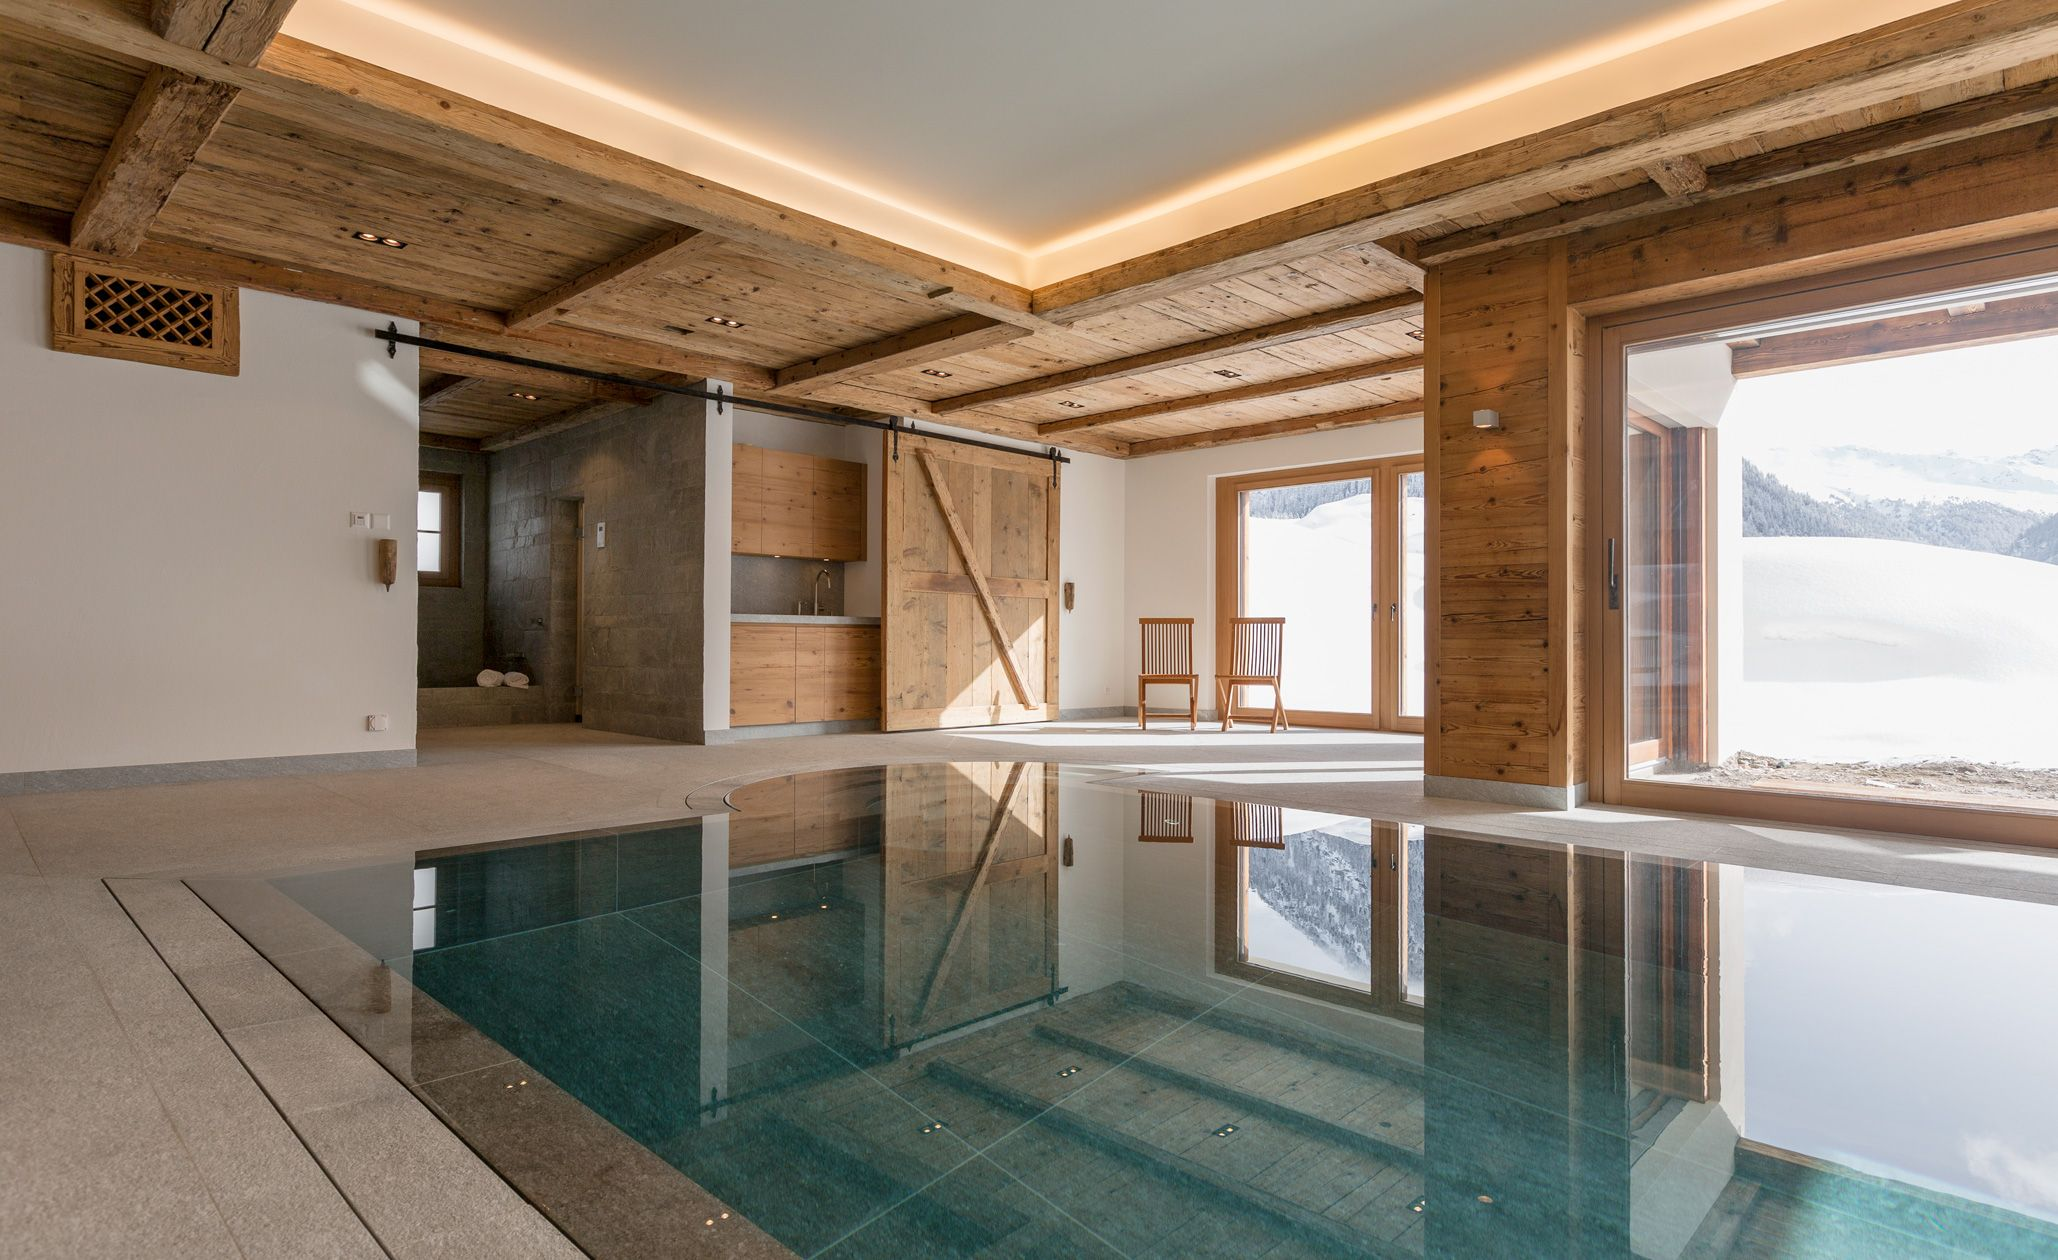 Dusche Naturstein blick vom pool zum saunabereich mit naturstein kältebecken und